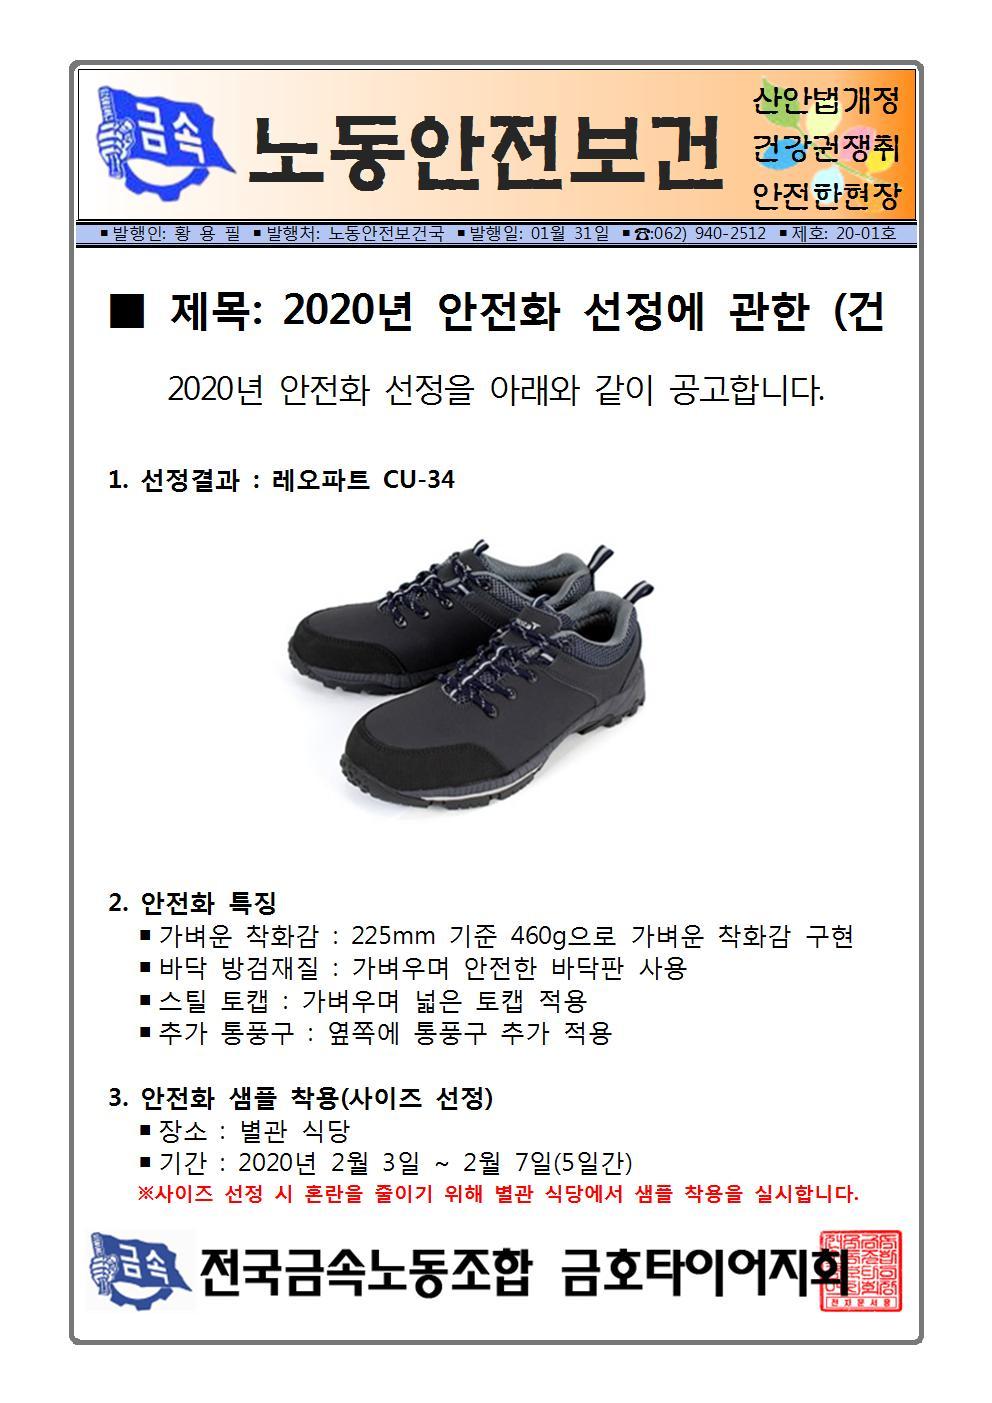 20-01 20년 안전화 선정 공고.jpg